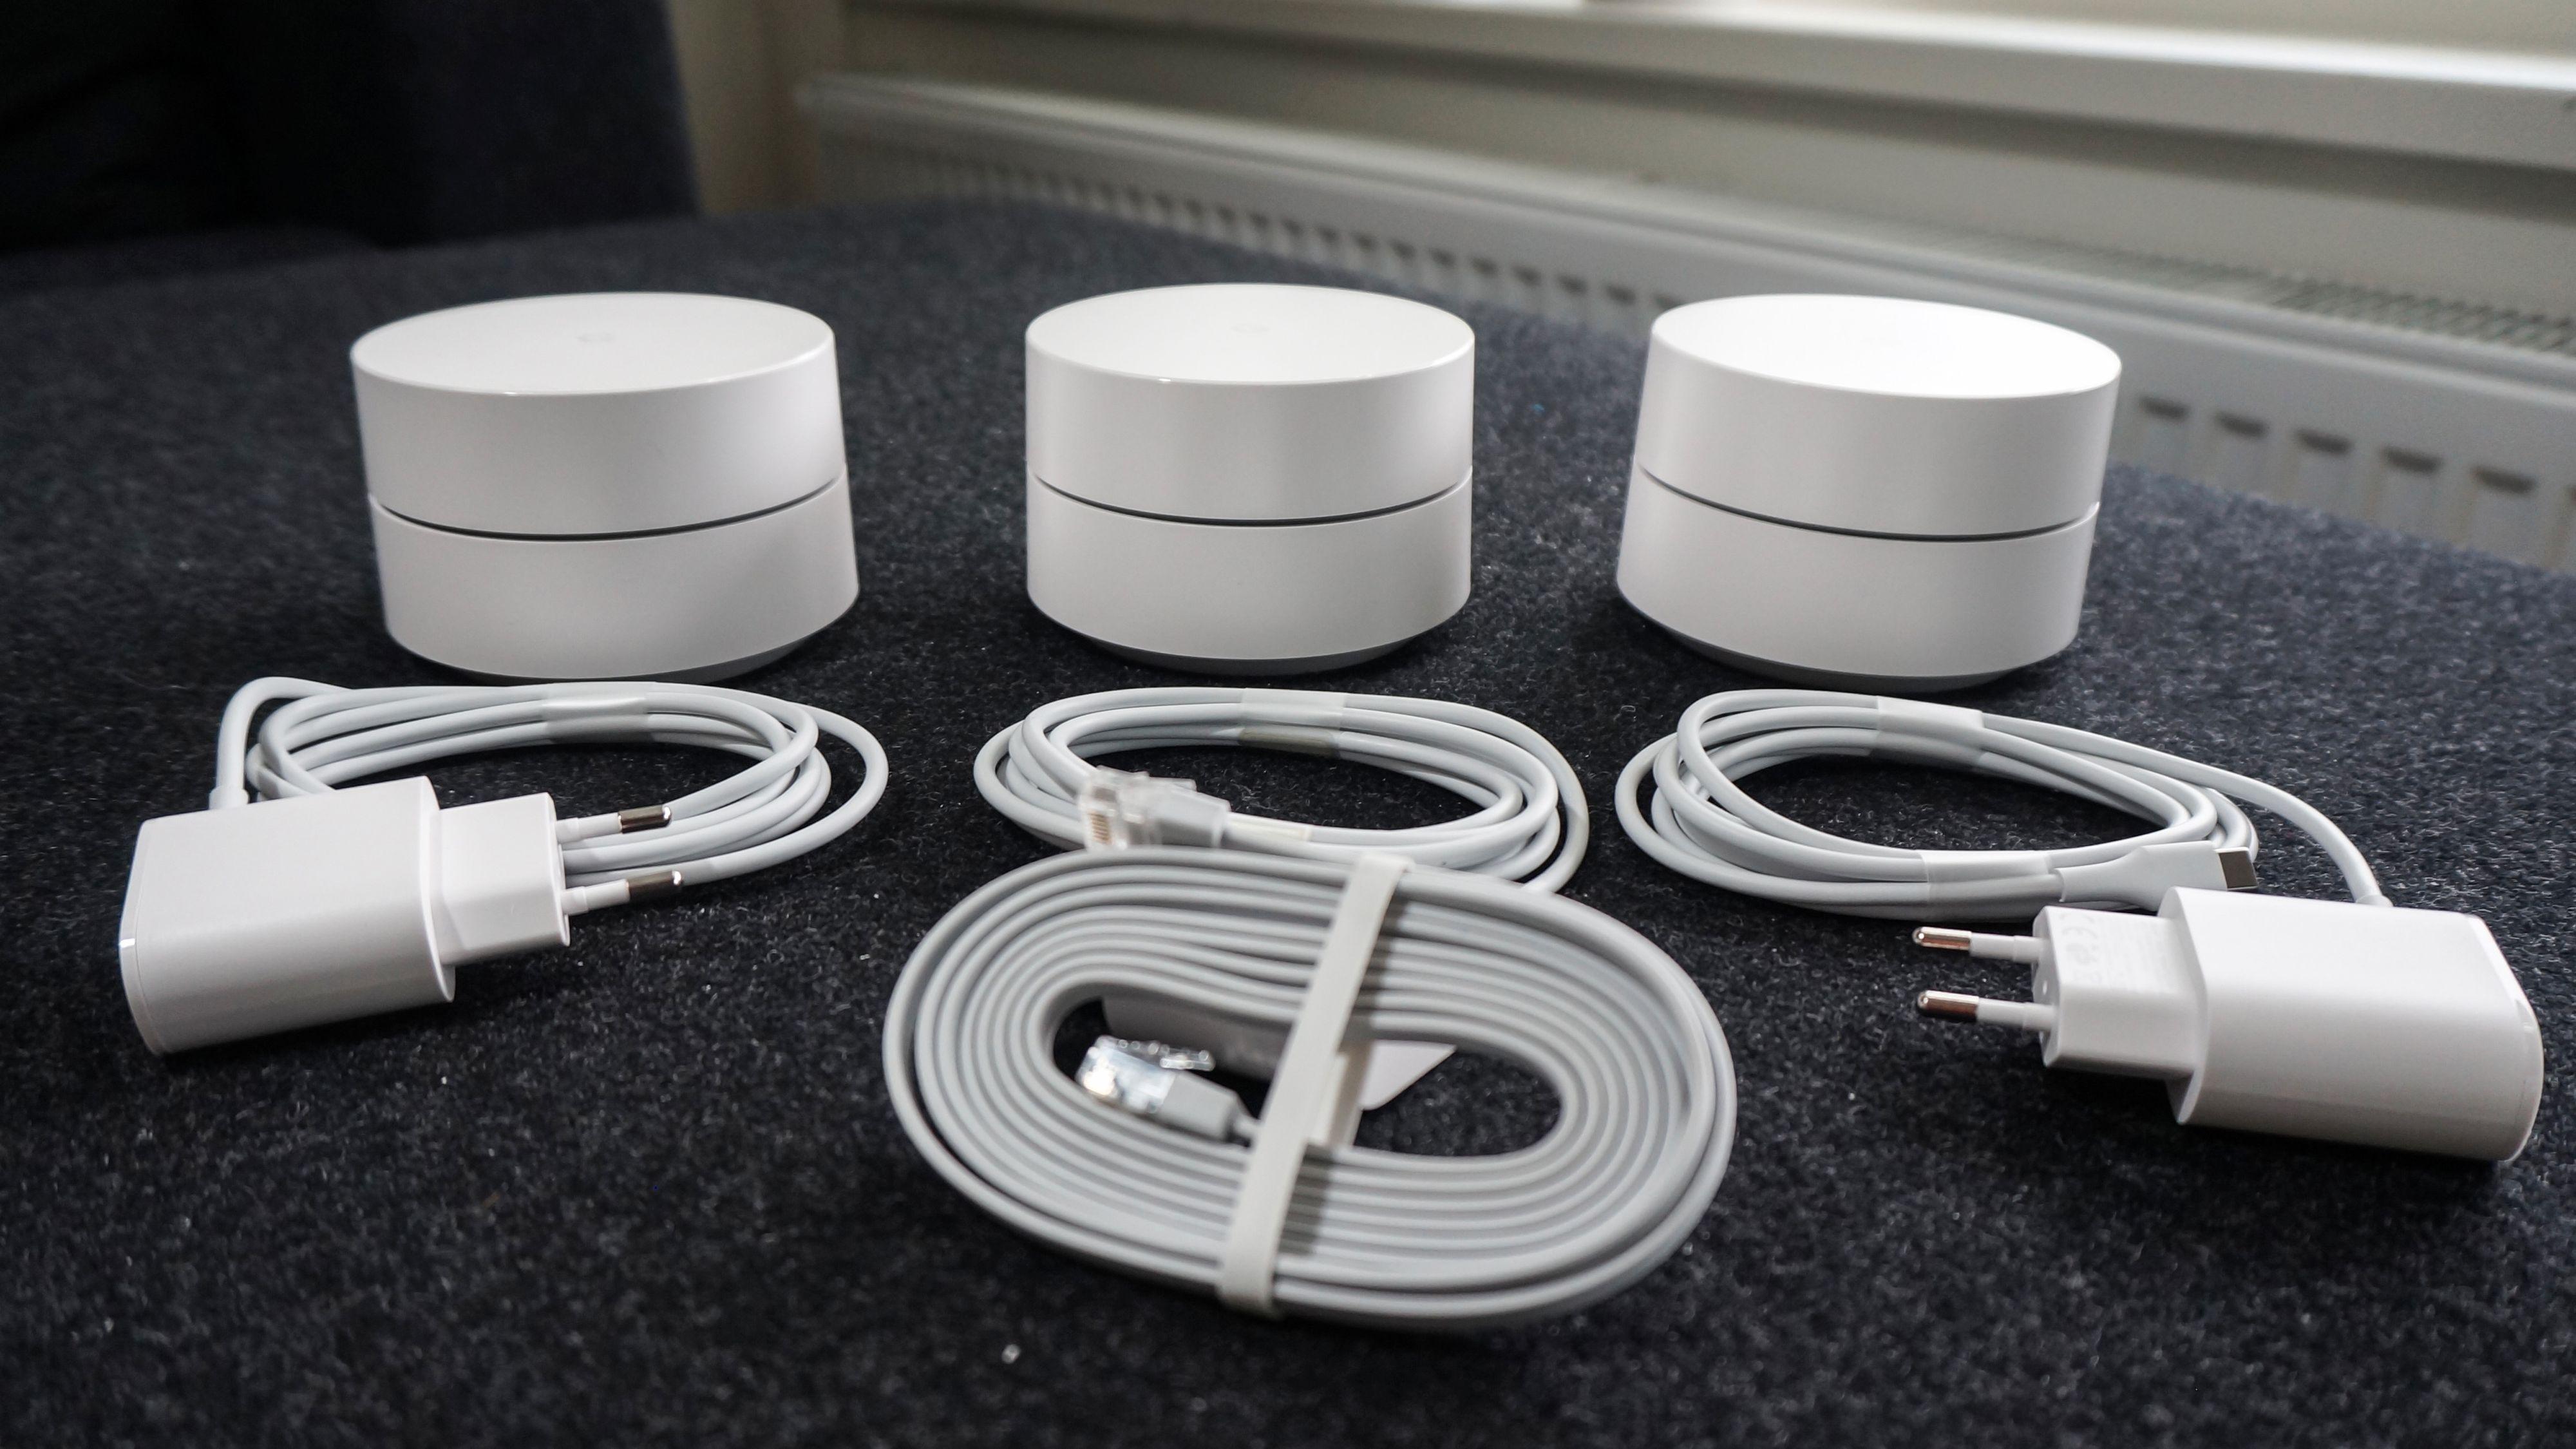 Trepakken med Google Wifi-enheter skal kunne gi god wifi-dekning i hus på opptil cirka 400 kvadratmeter, litt avhengig av materialer og utforming.